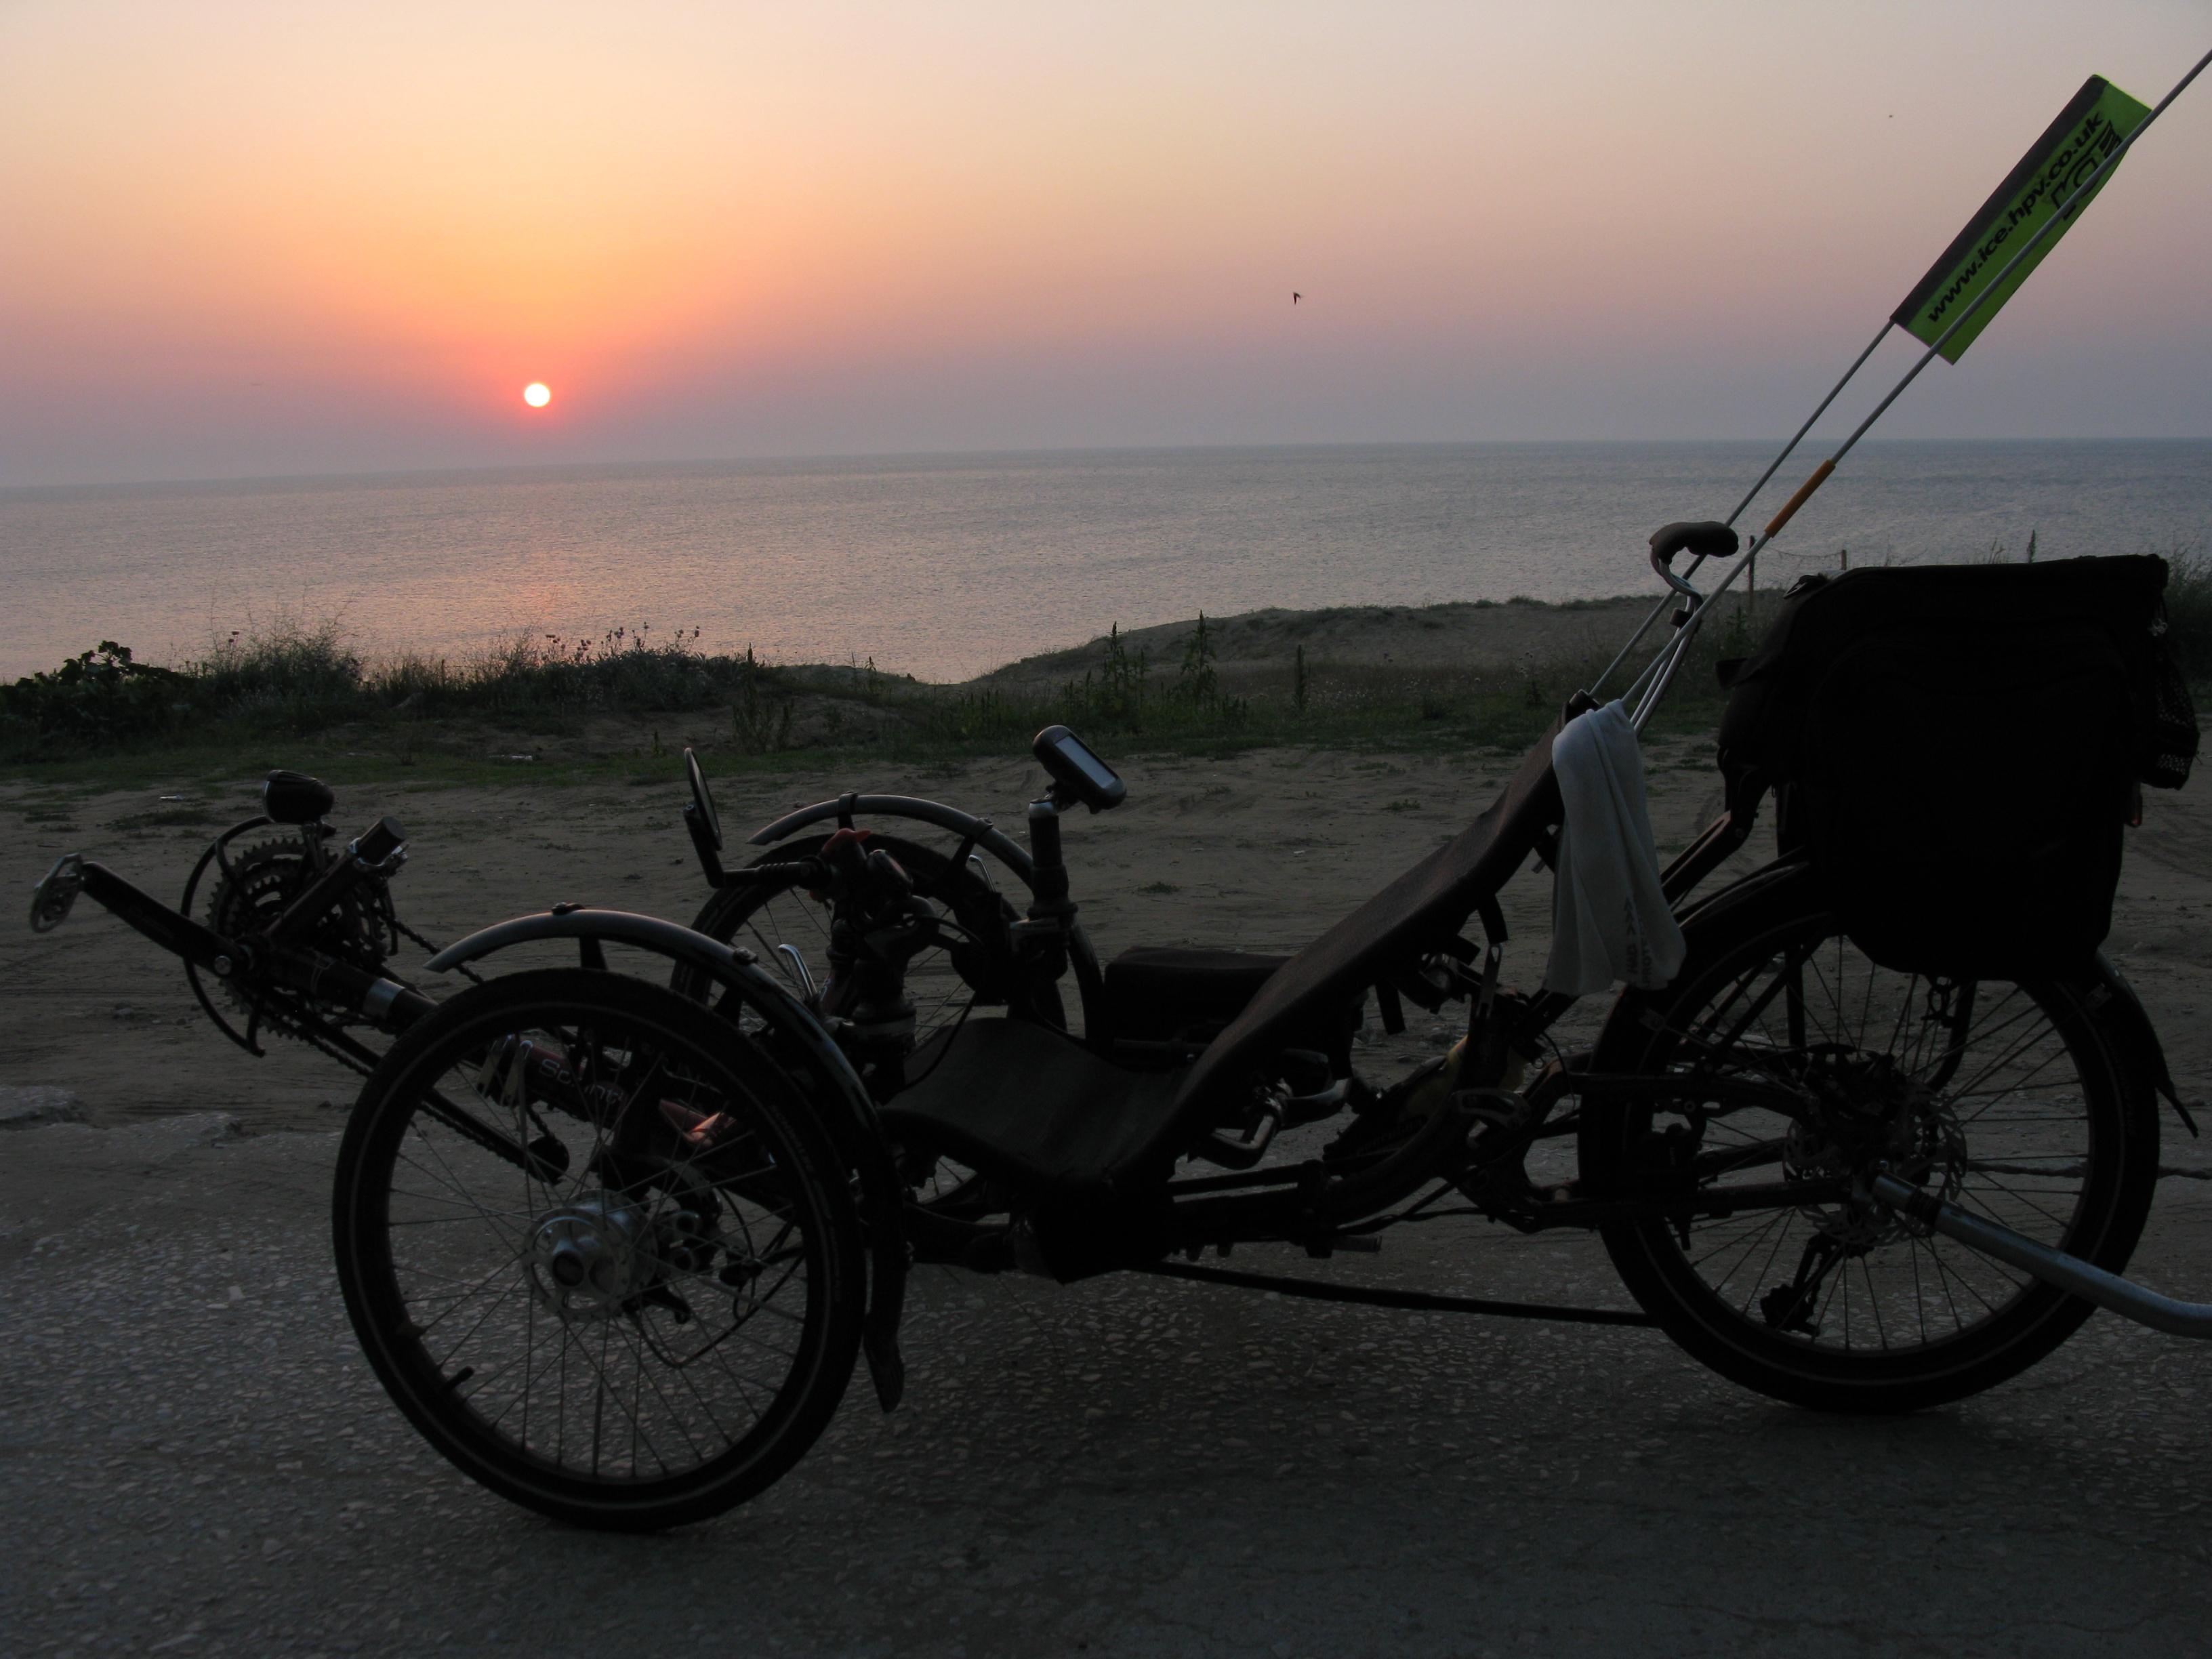 soncni vzhod nad Crnim morjem